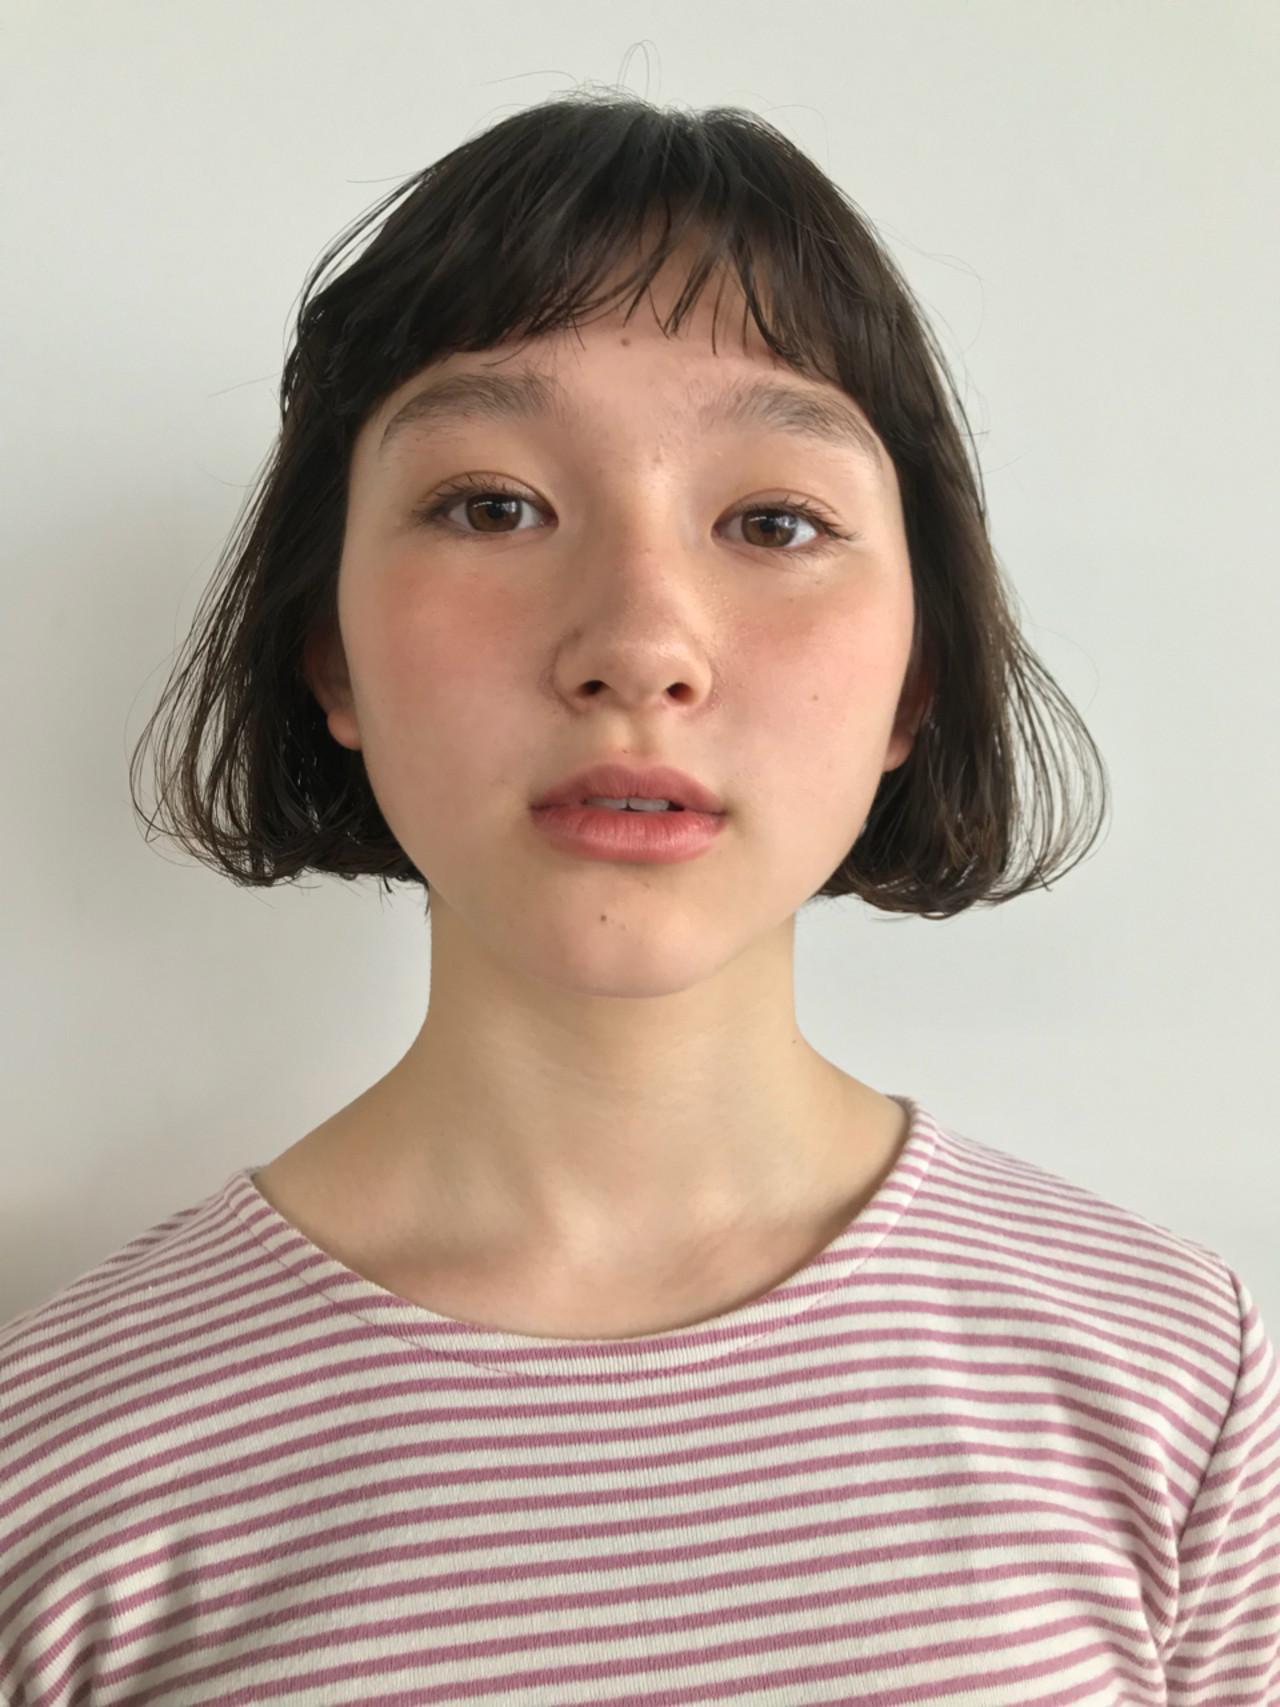 前髪あり 抜け感 ボブ ナチュラル ヘアスタイルや髪型の写真・画像 | 東峰 愛 / nanuk shibuya